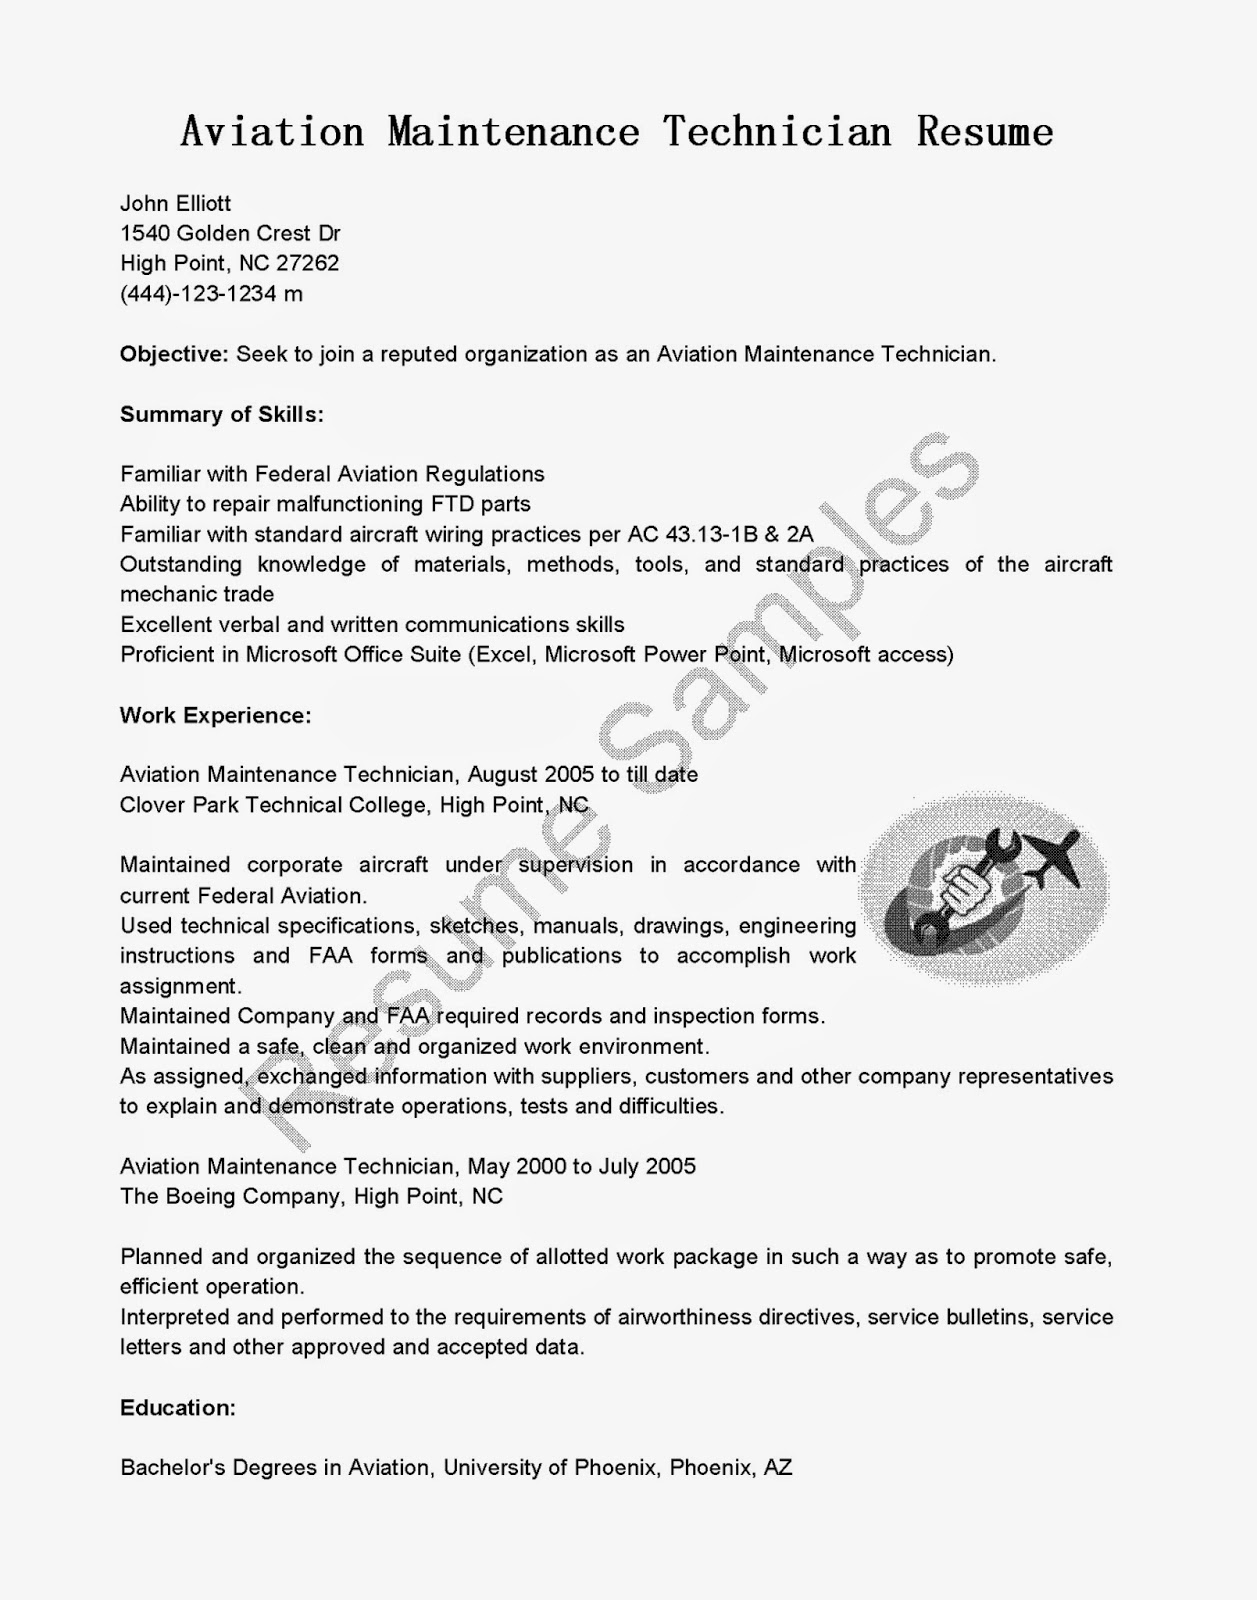 Resume Bike Mechanic Job Description Job Description Automotive Mechanic  Schools Find Auto Diesel Aircraft Motorcycle Sample  Auto Mechanic Job Description